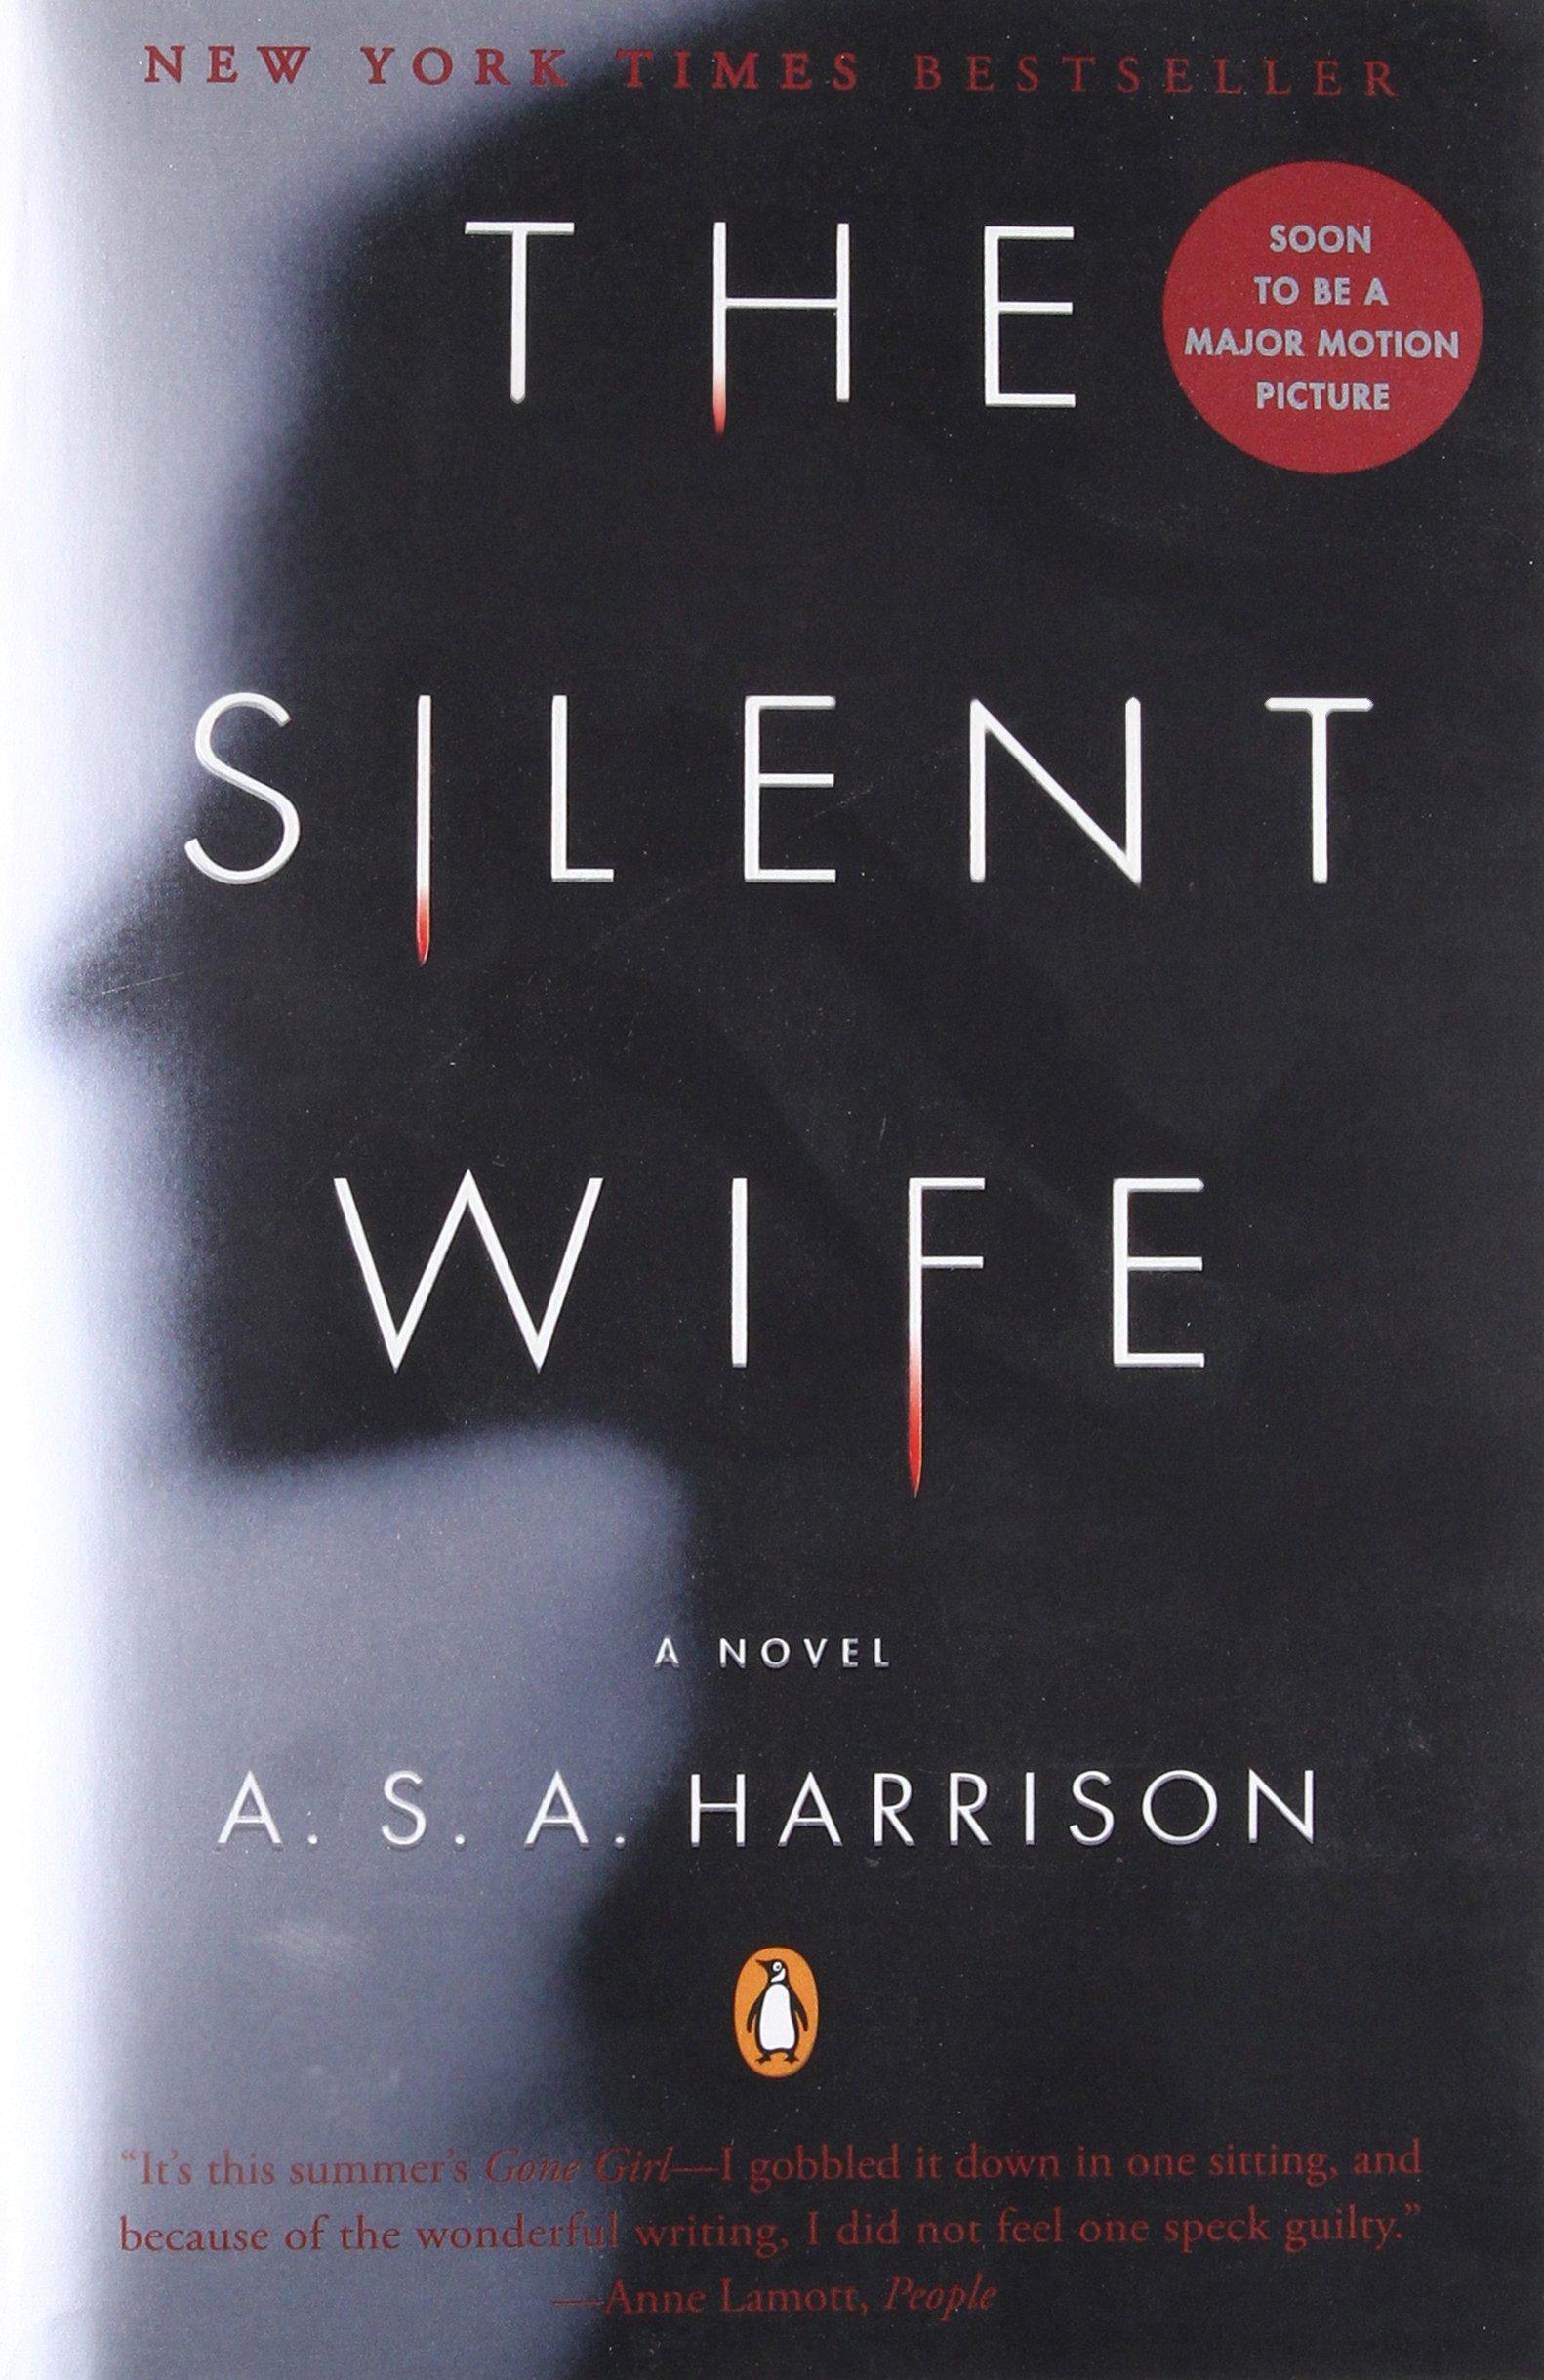 Amazon.com: The Silent Wife: A Novel (8601400934159): A. S. A. ...